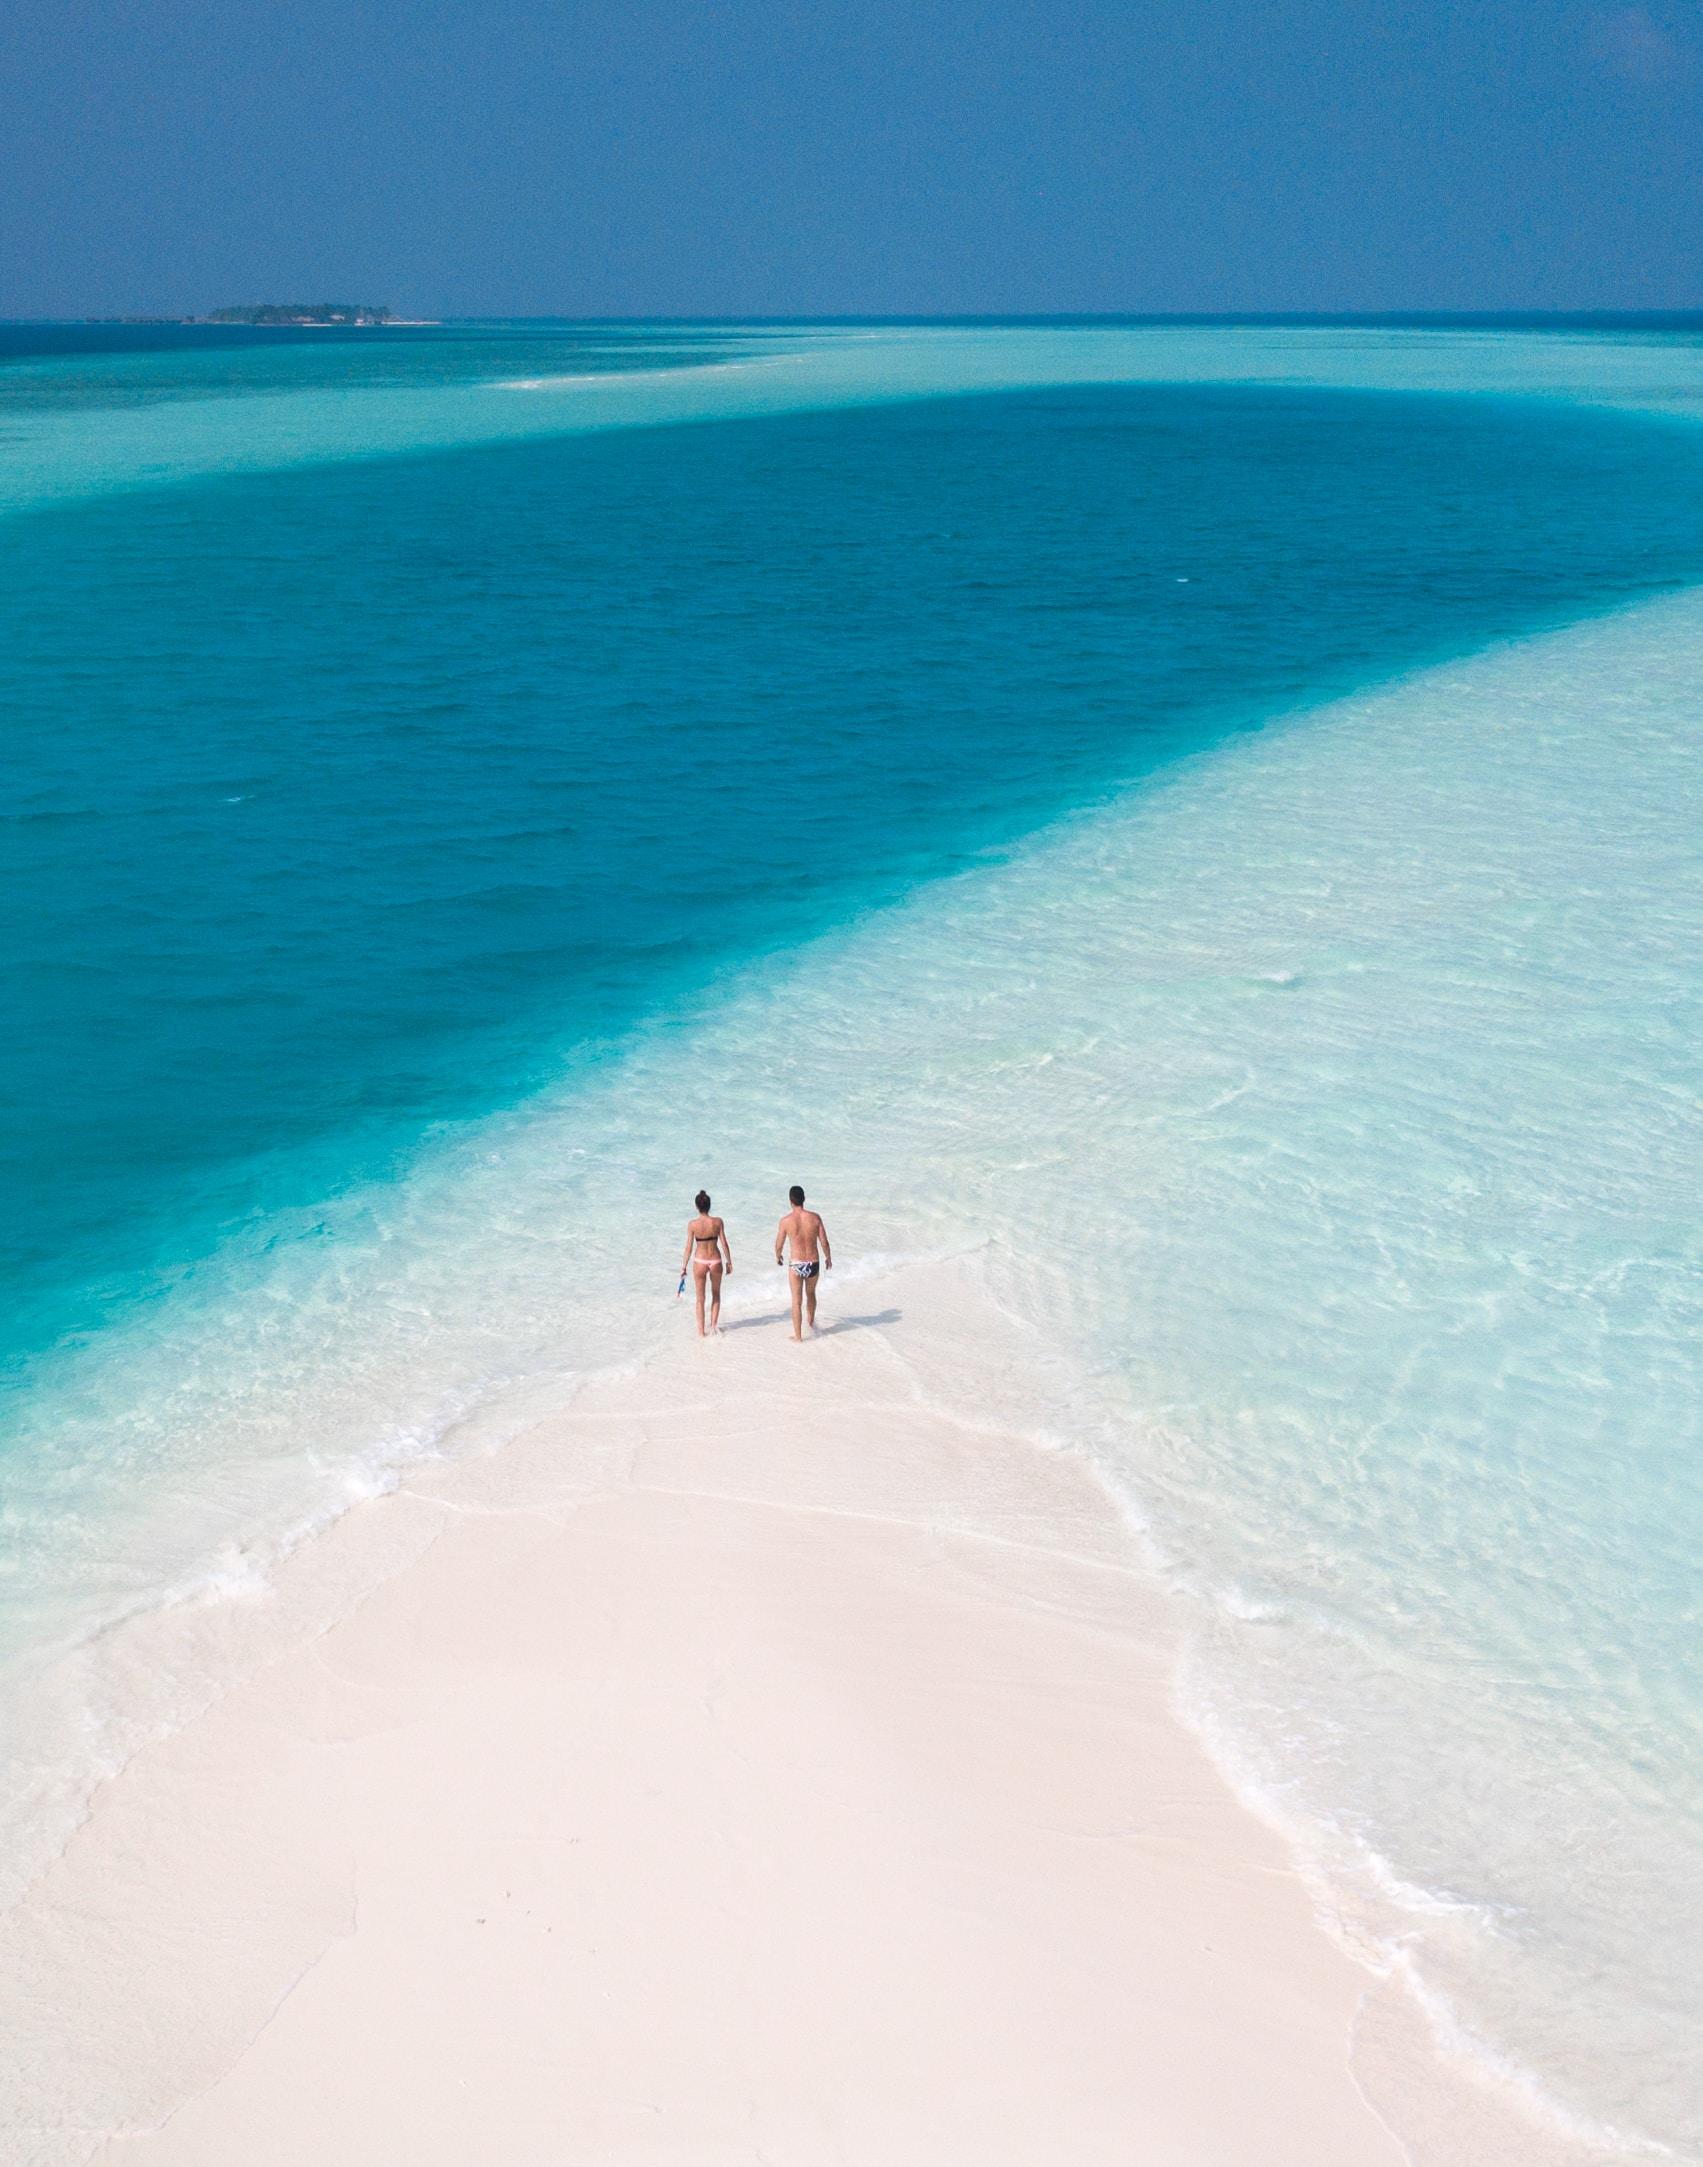 man and woman walking on seashore during daytime